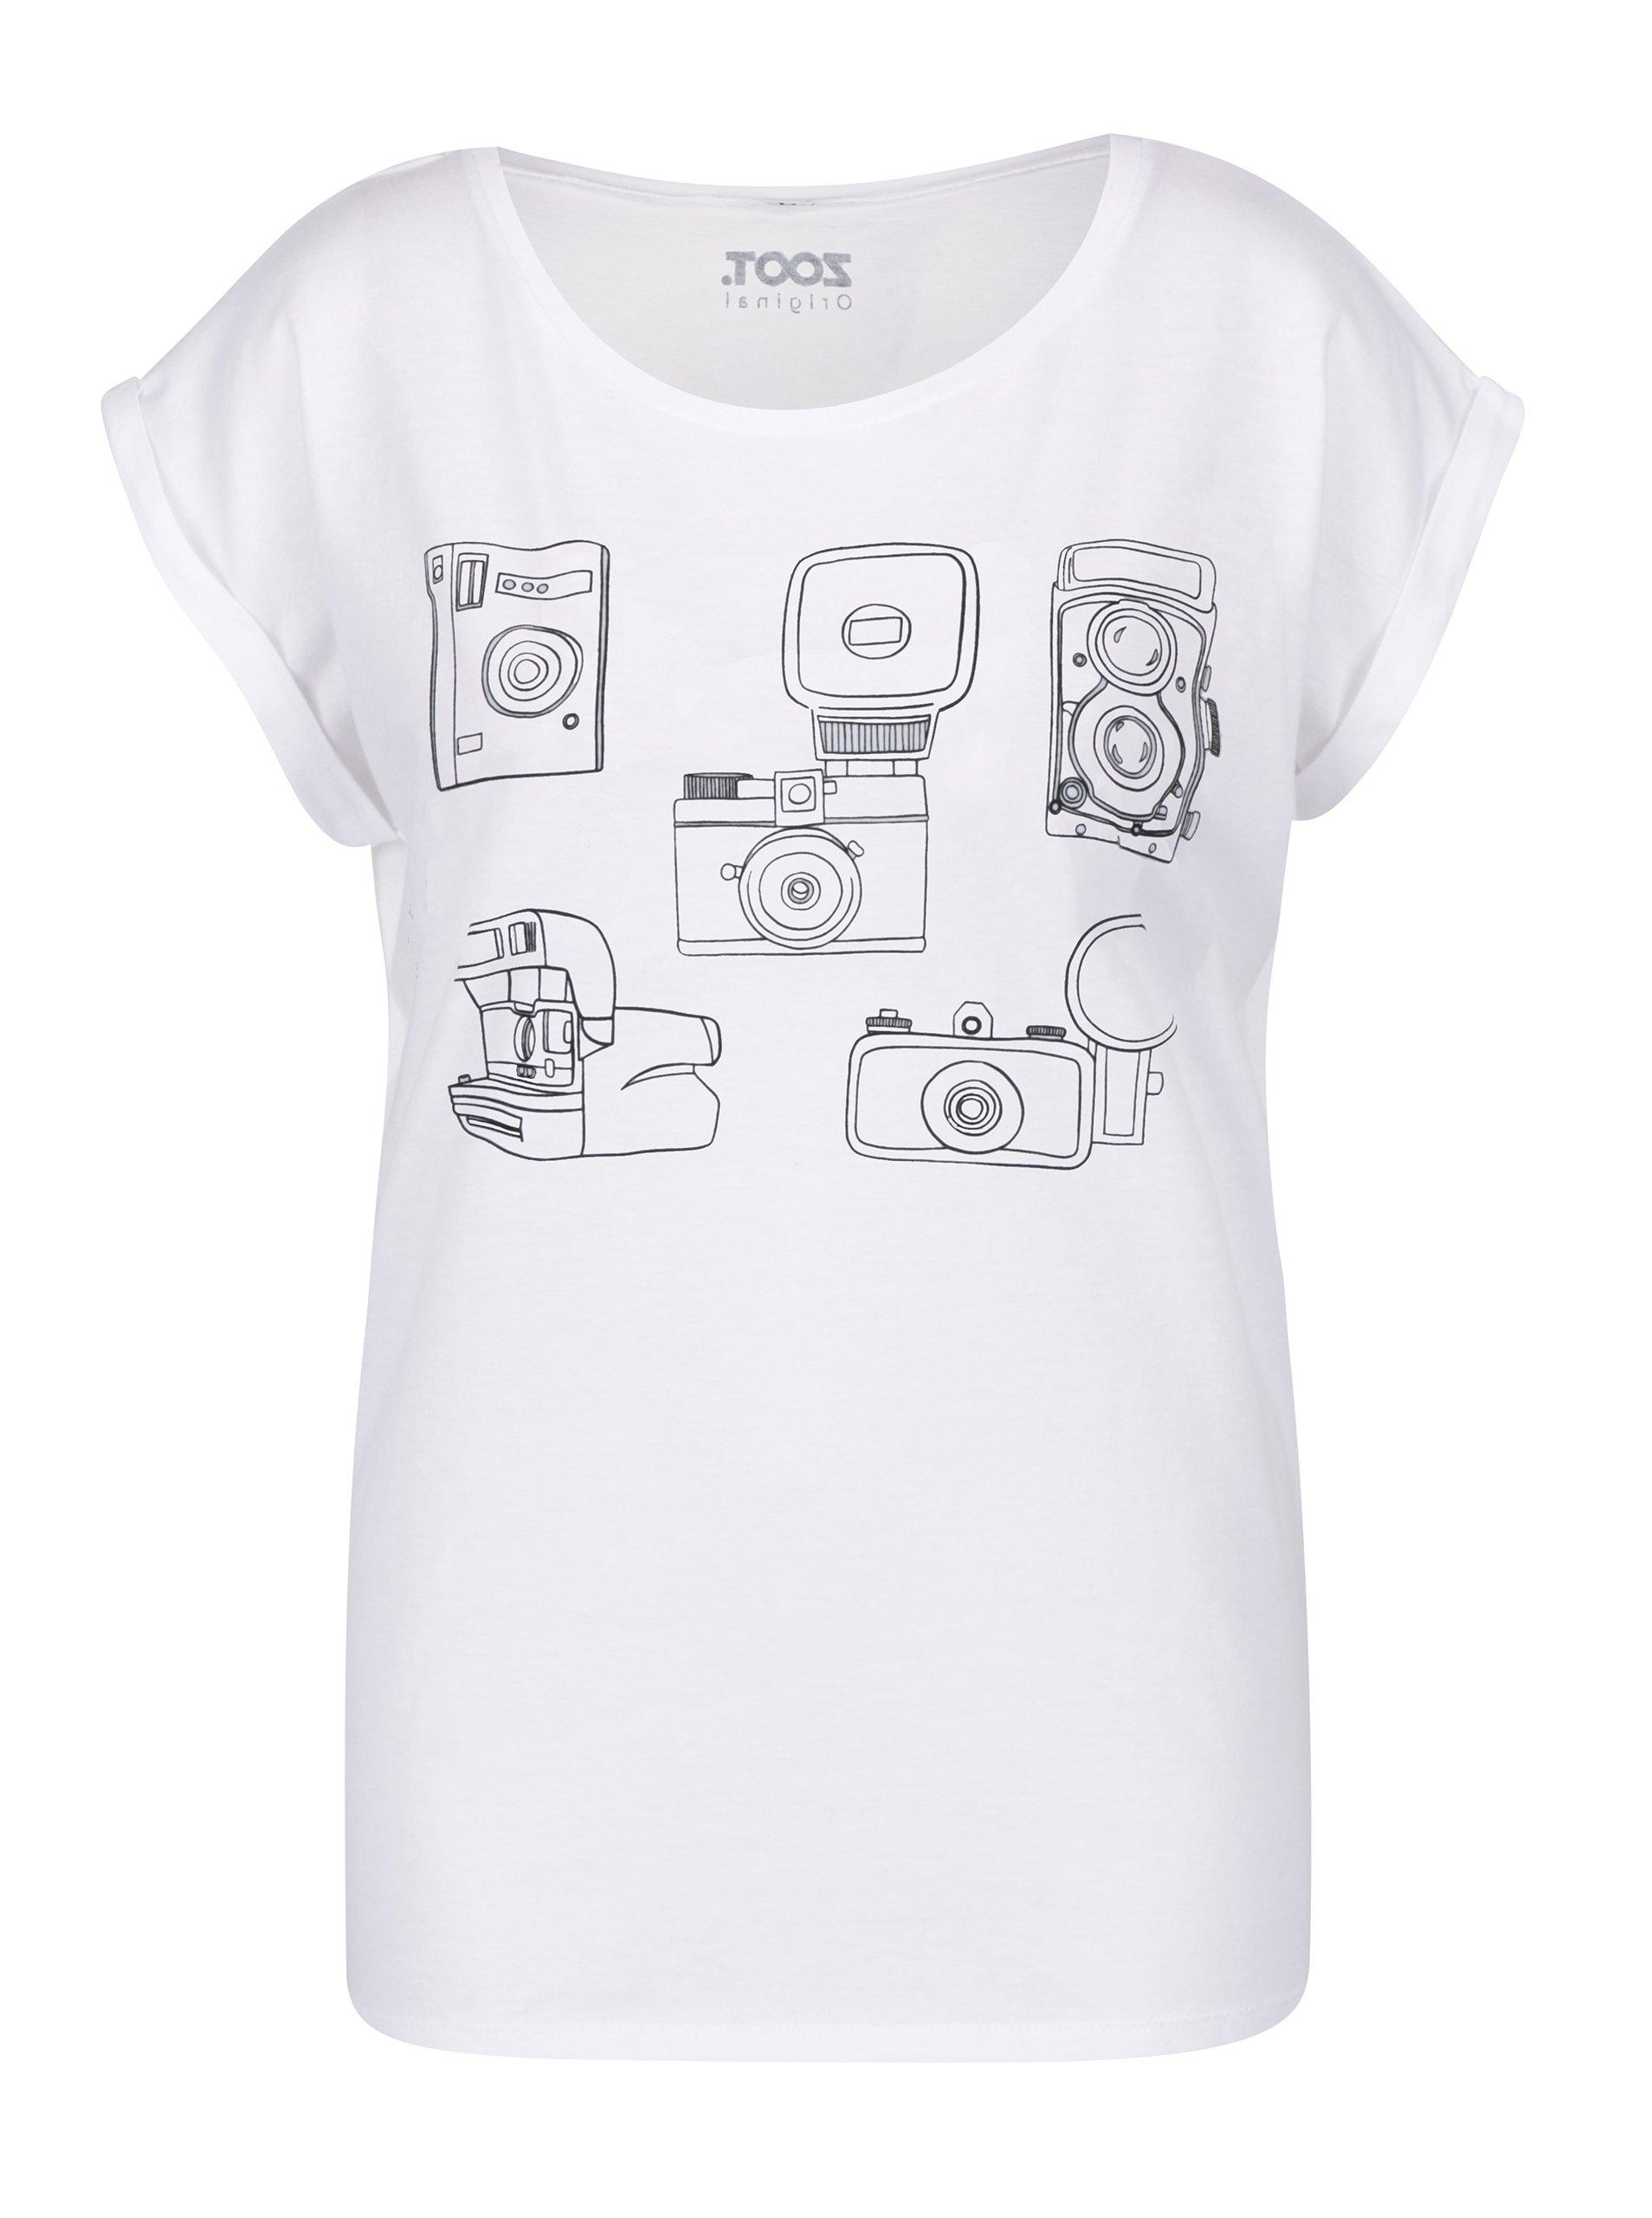 c2dffd639e5 Bílé dámské tričko s potiskem ZOOT Original Foťáky